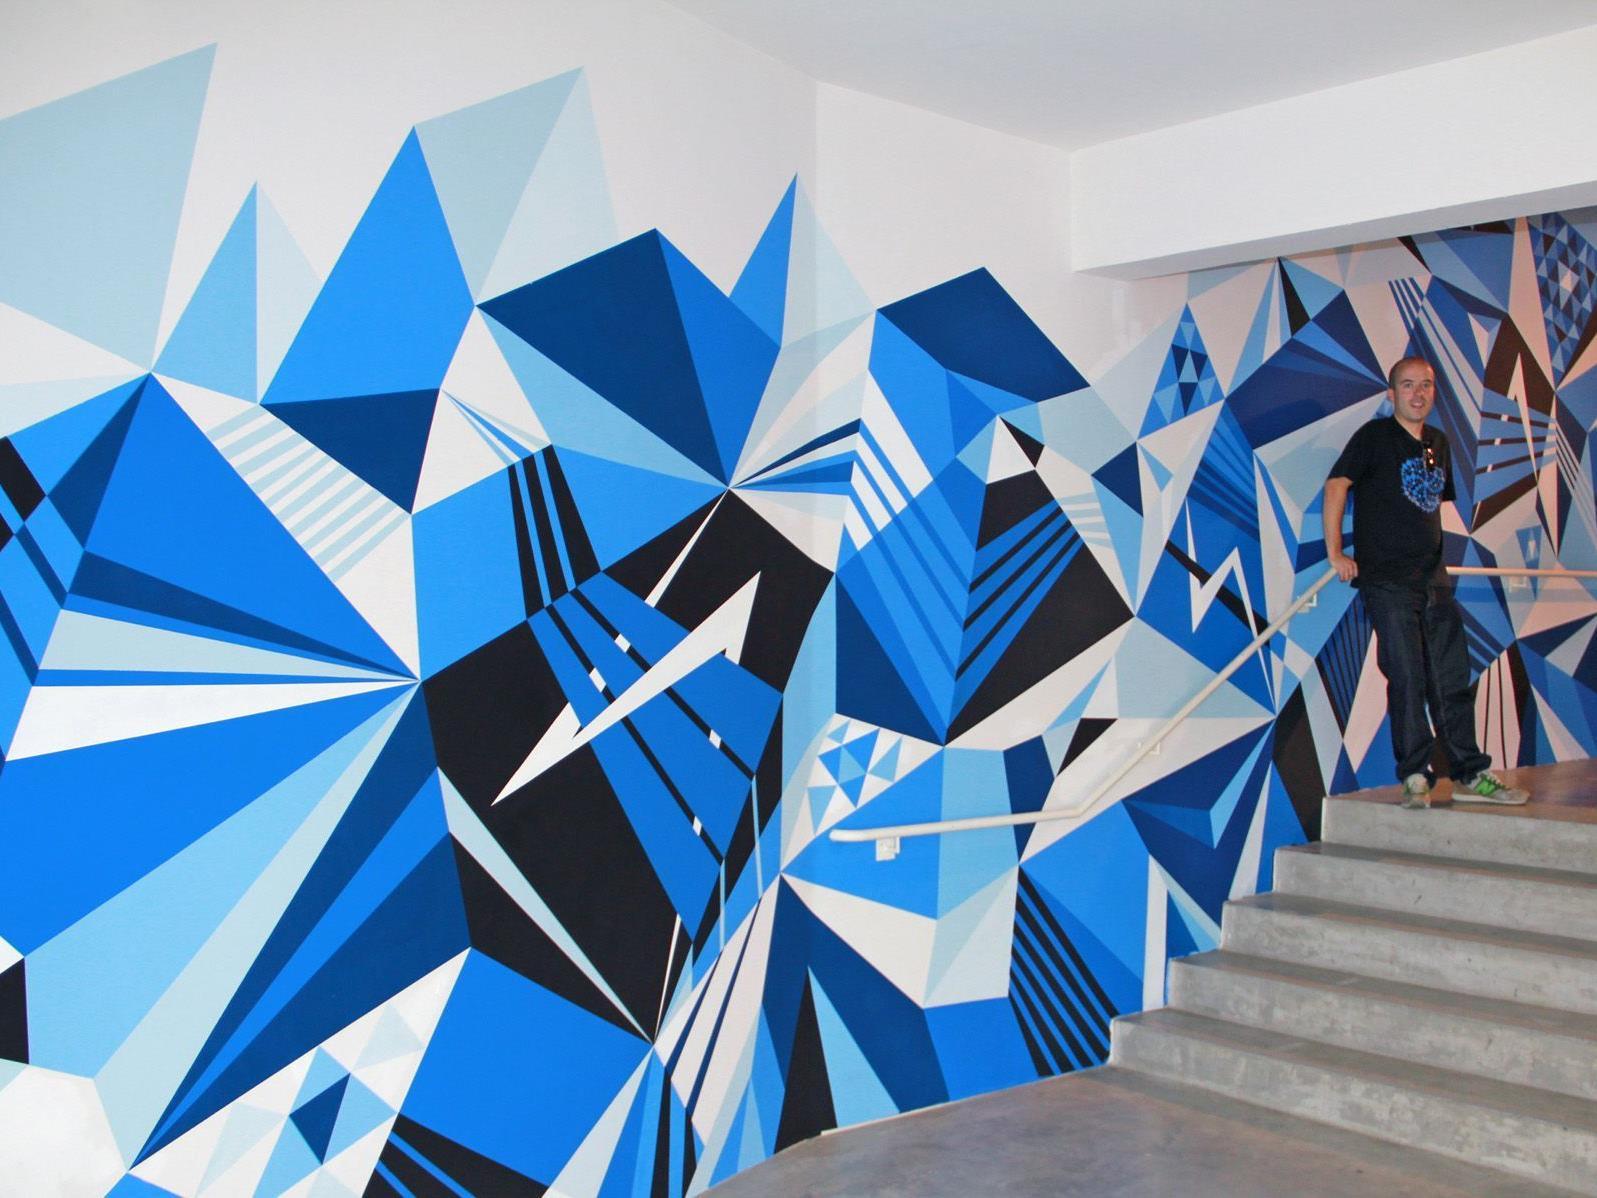 Matt W. Moore, Künstler der internationalen Street-Art-Szene